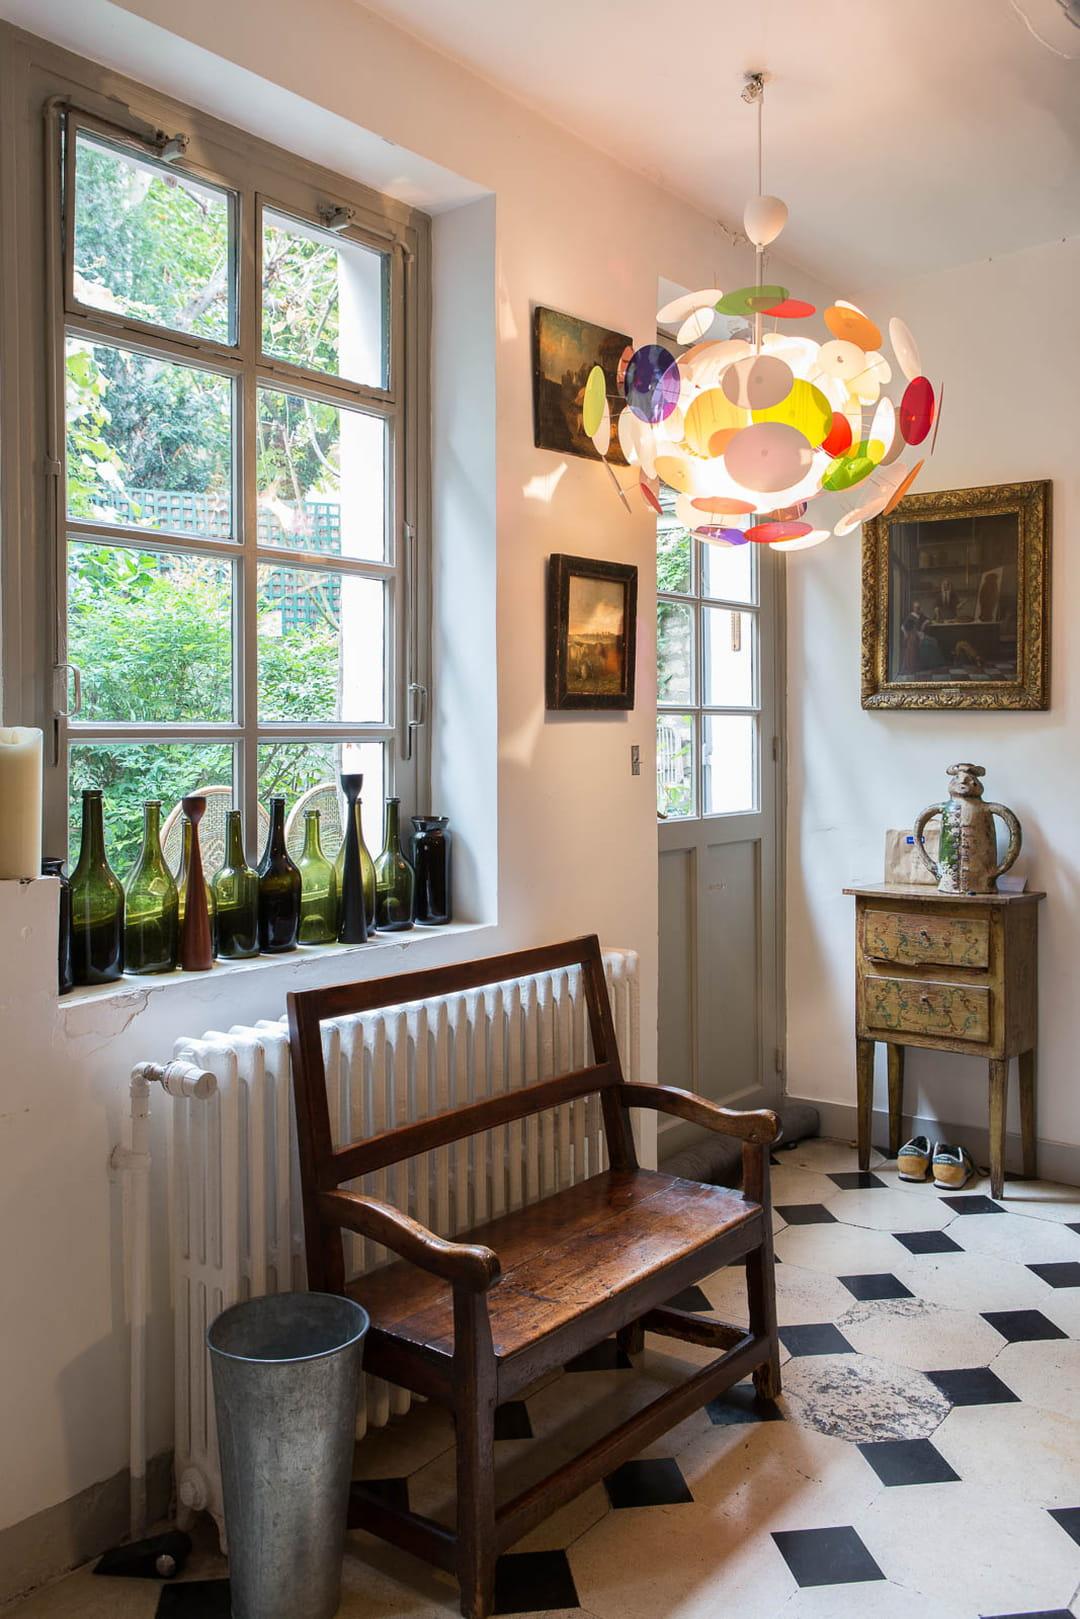 entree-deco-vintage-collection-de-bouteilles-en-verre-sur-le-rebord-de-la-fenetre